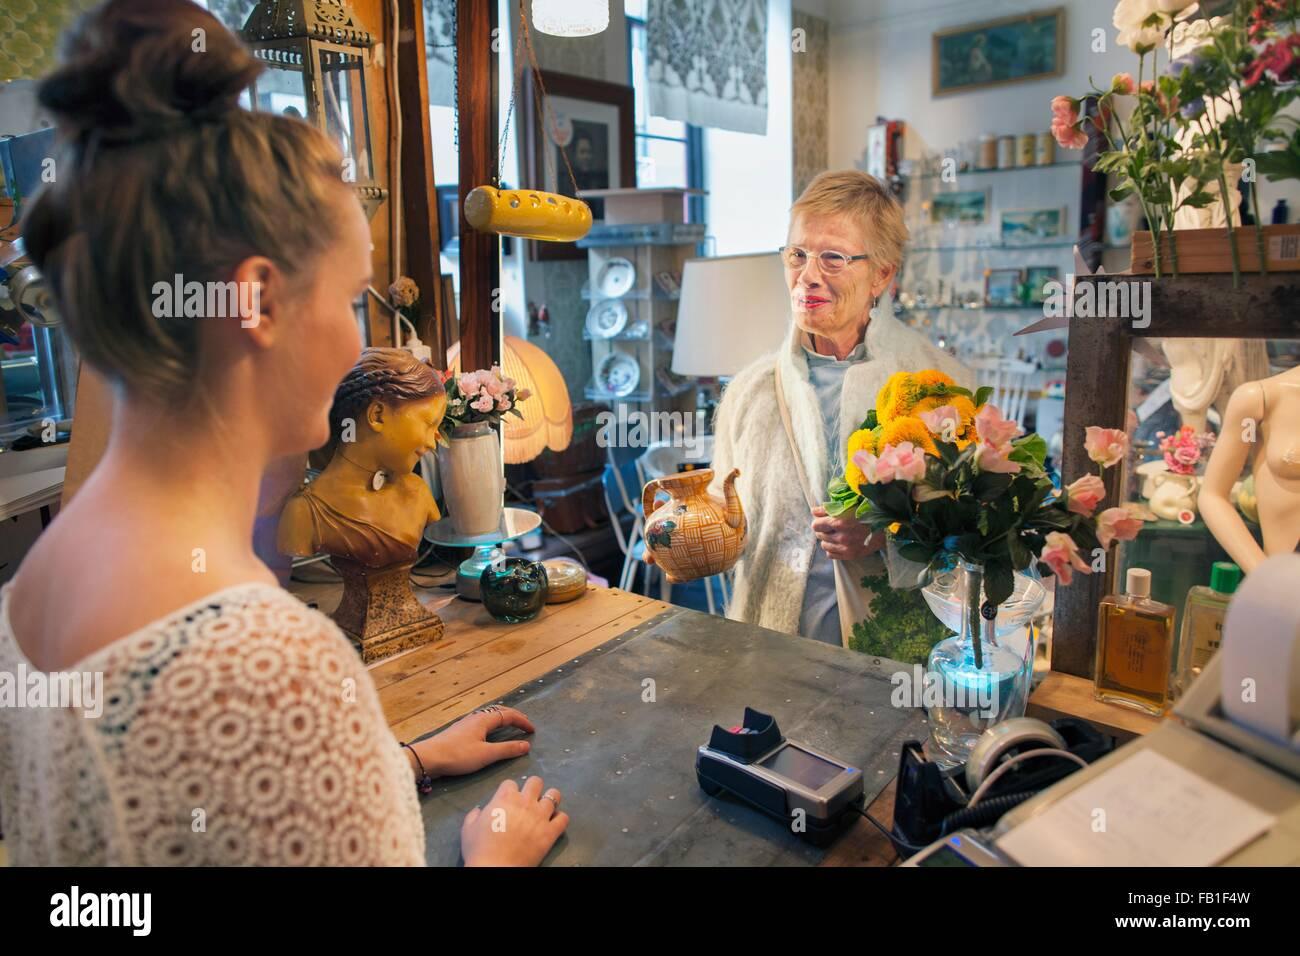 Femmina matura il cliente acquisti teiera in negozio vintage Immagini Stock